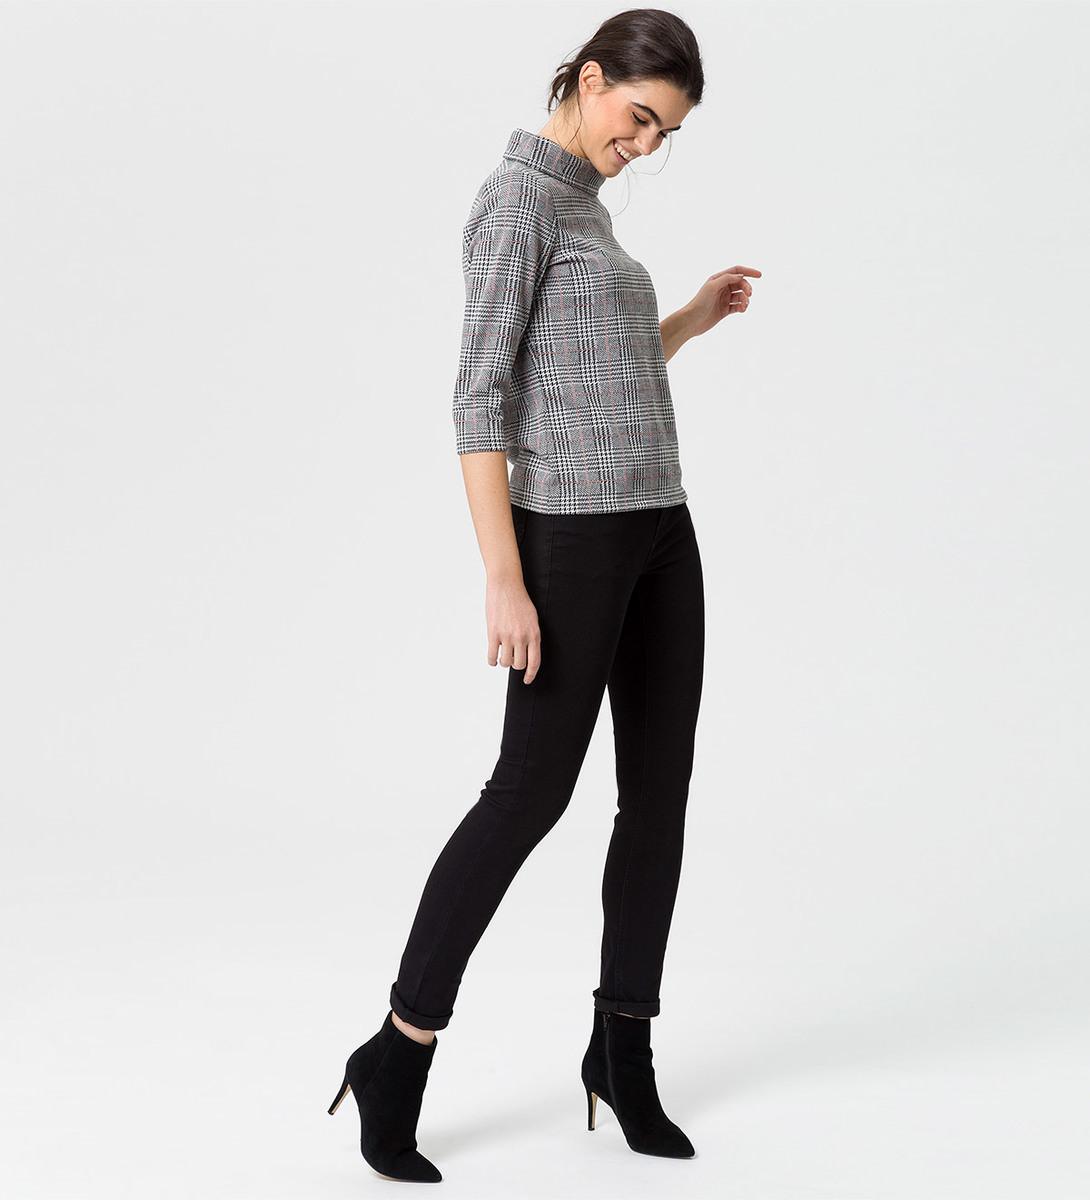 Shirt im Karo-Look in black